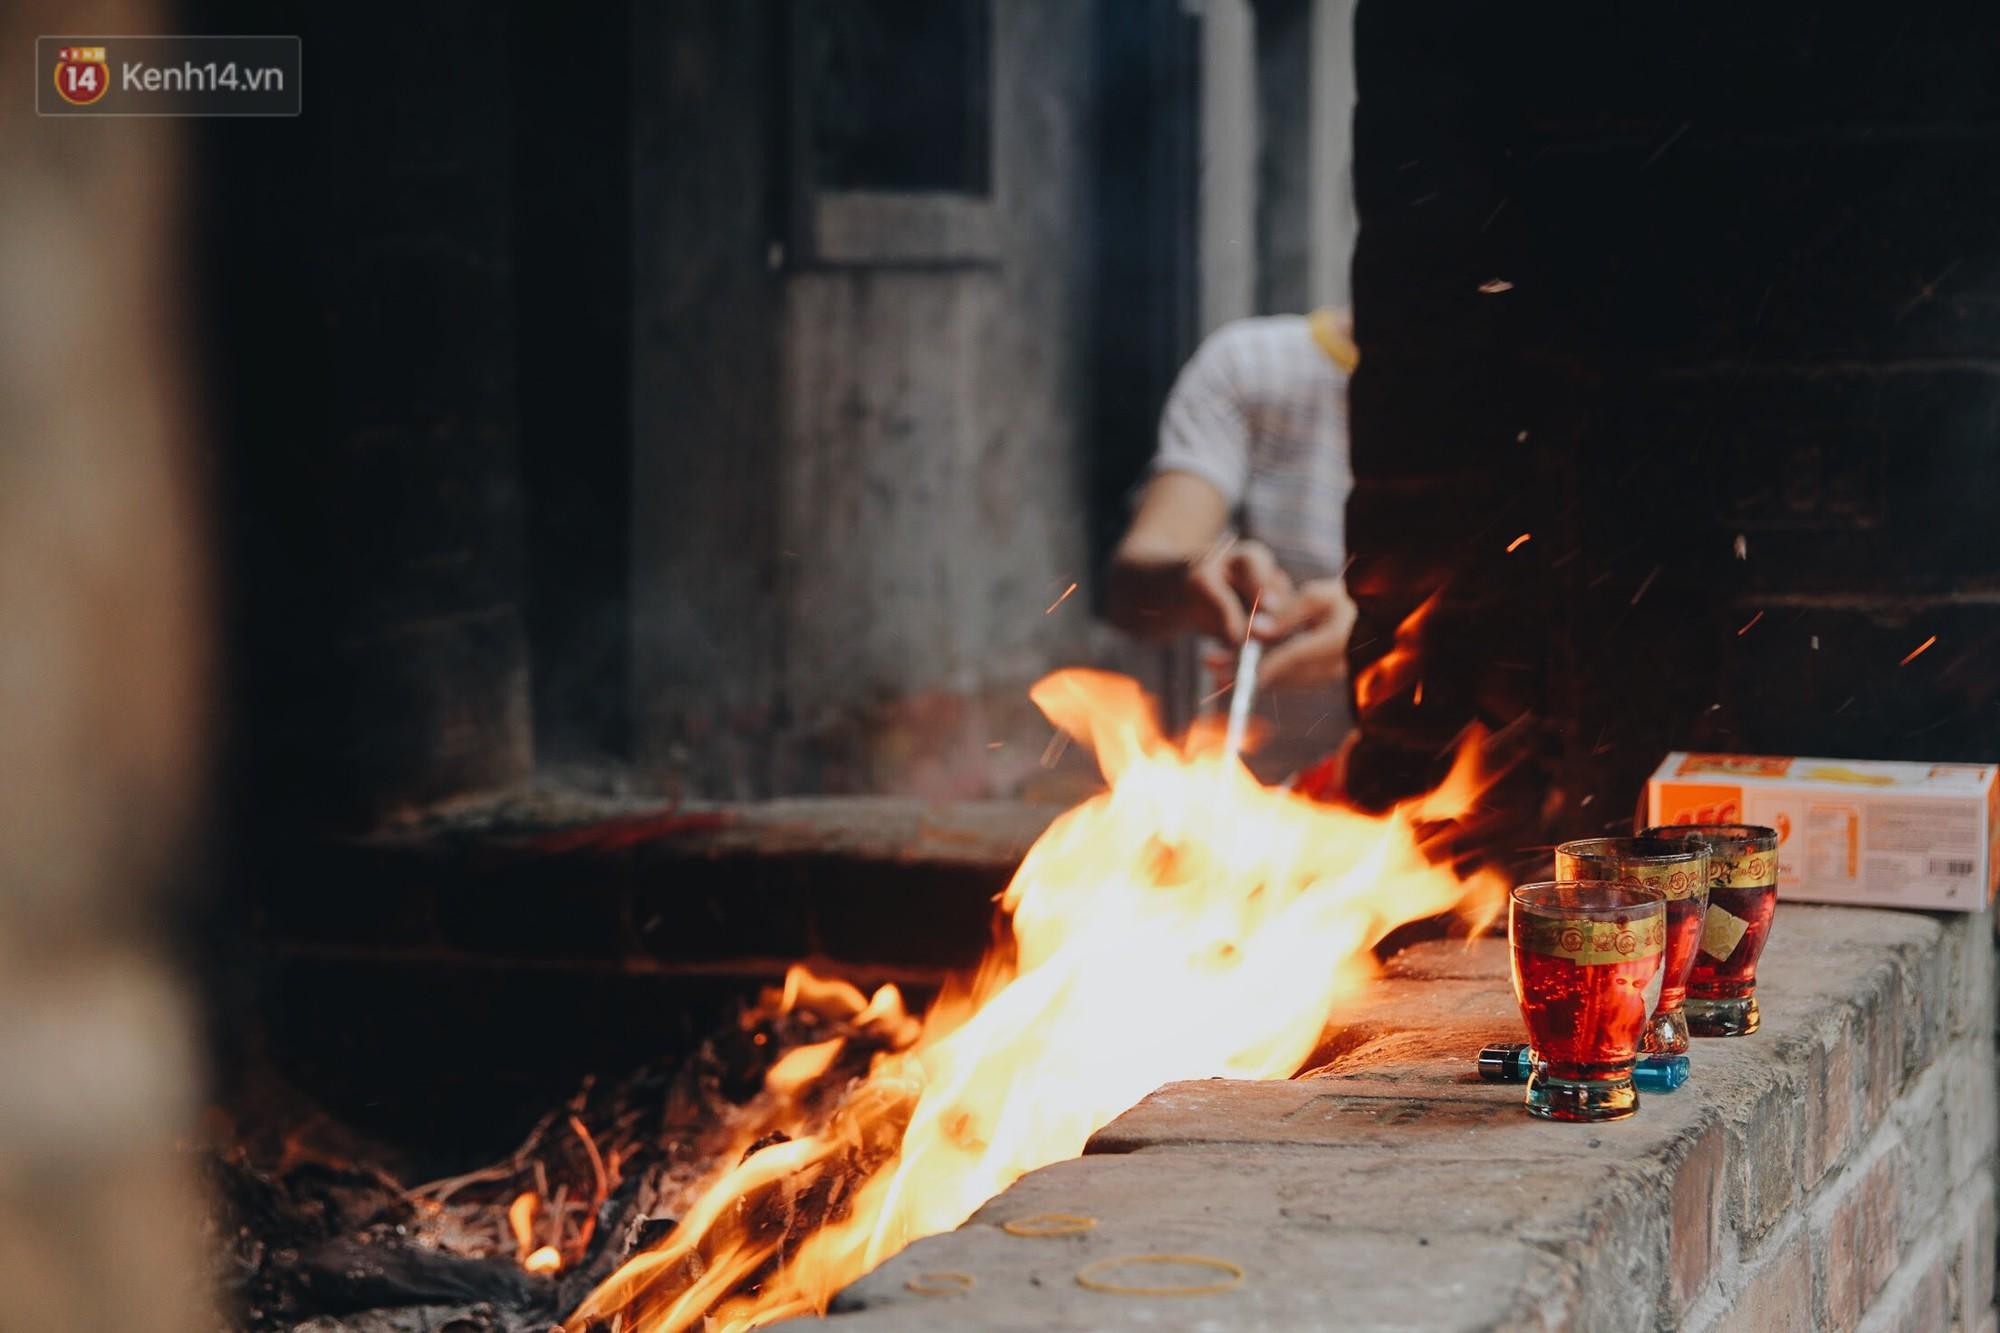 Từ lâu nay, chùa Hà vốn là mảnh đất thiêng cầu gì được nấy.